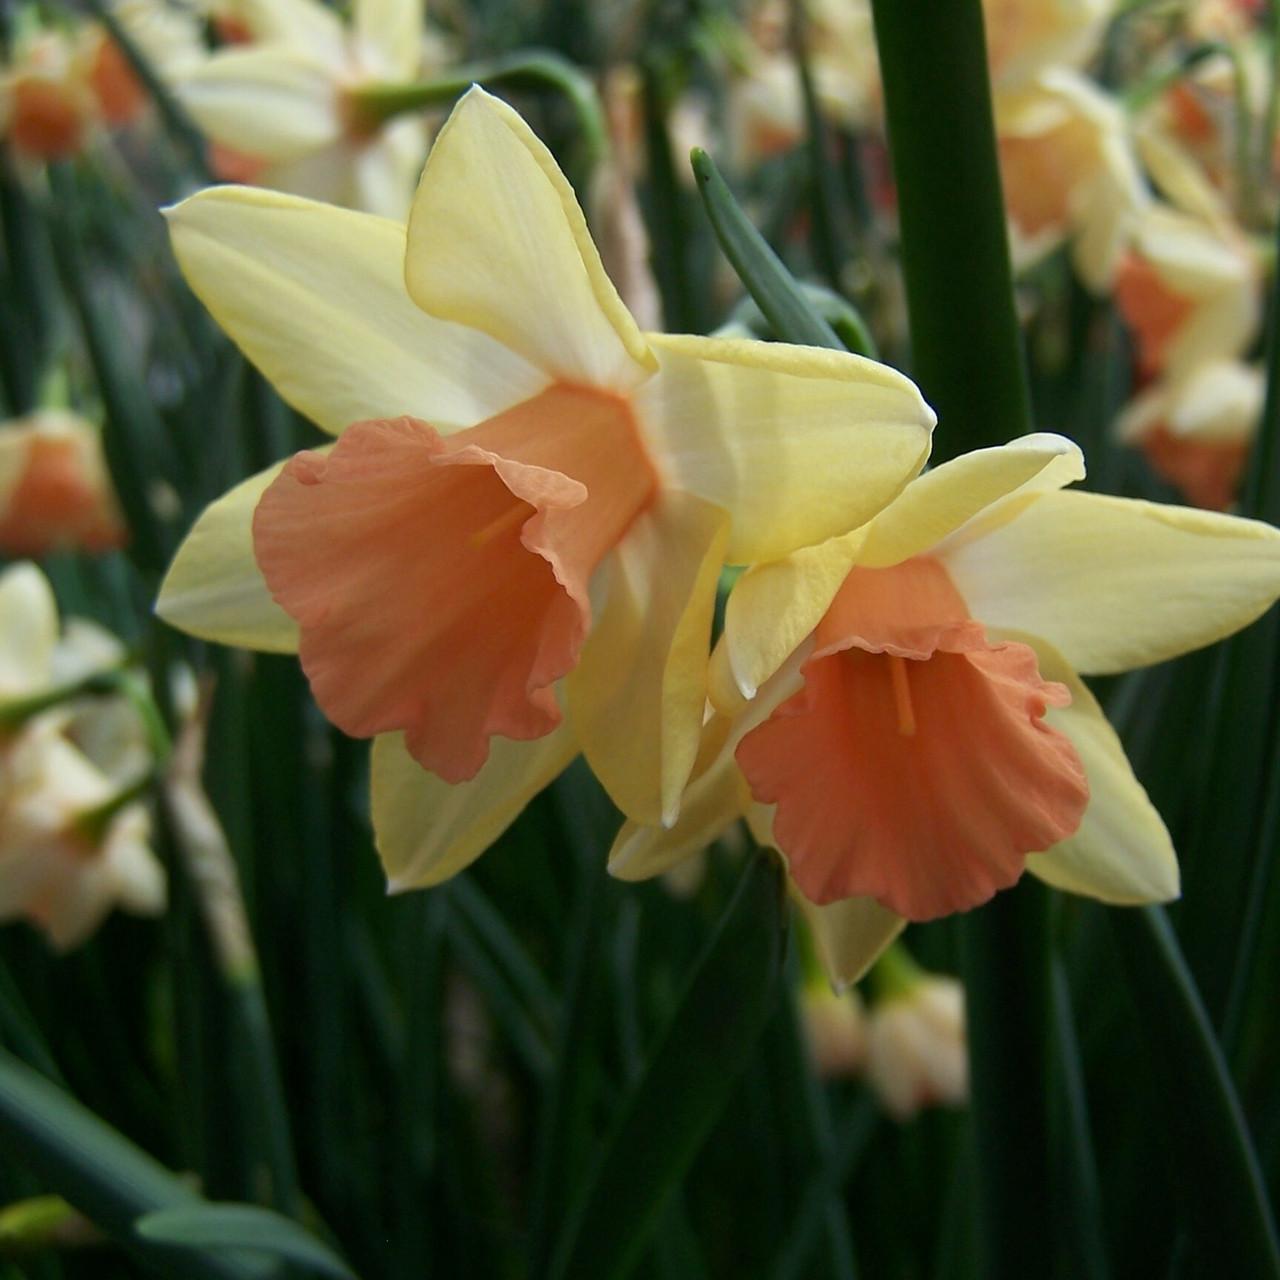 Division 7 - Jonquilla Narcissus